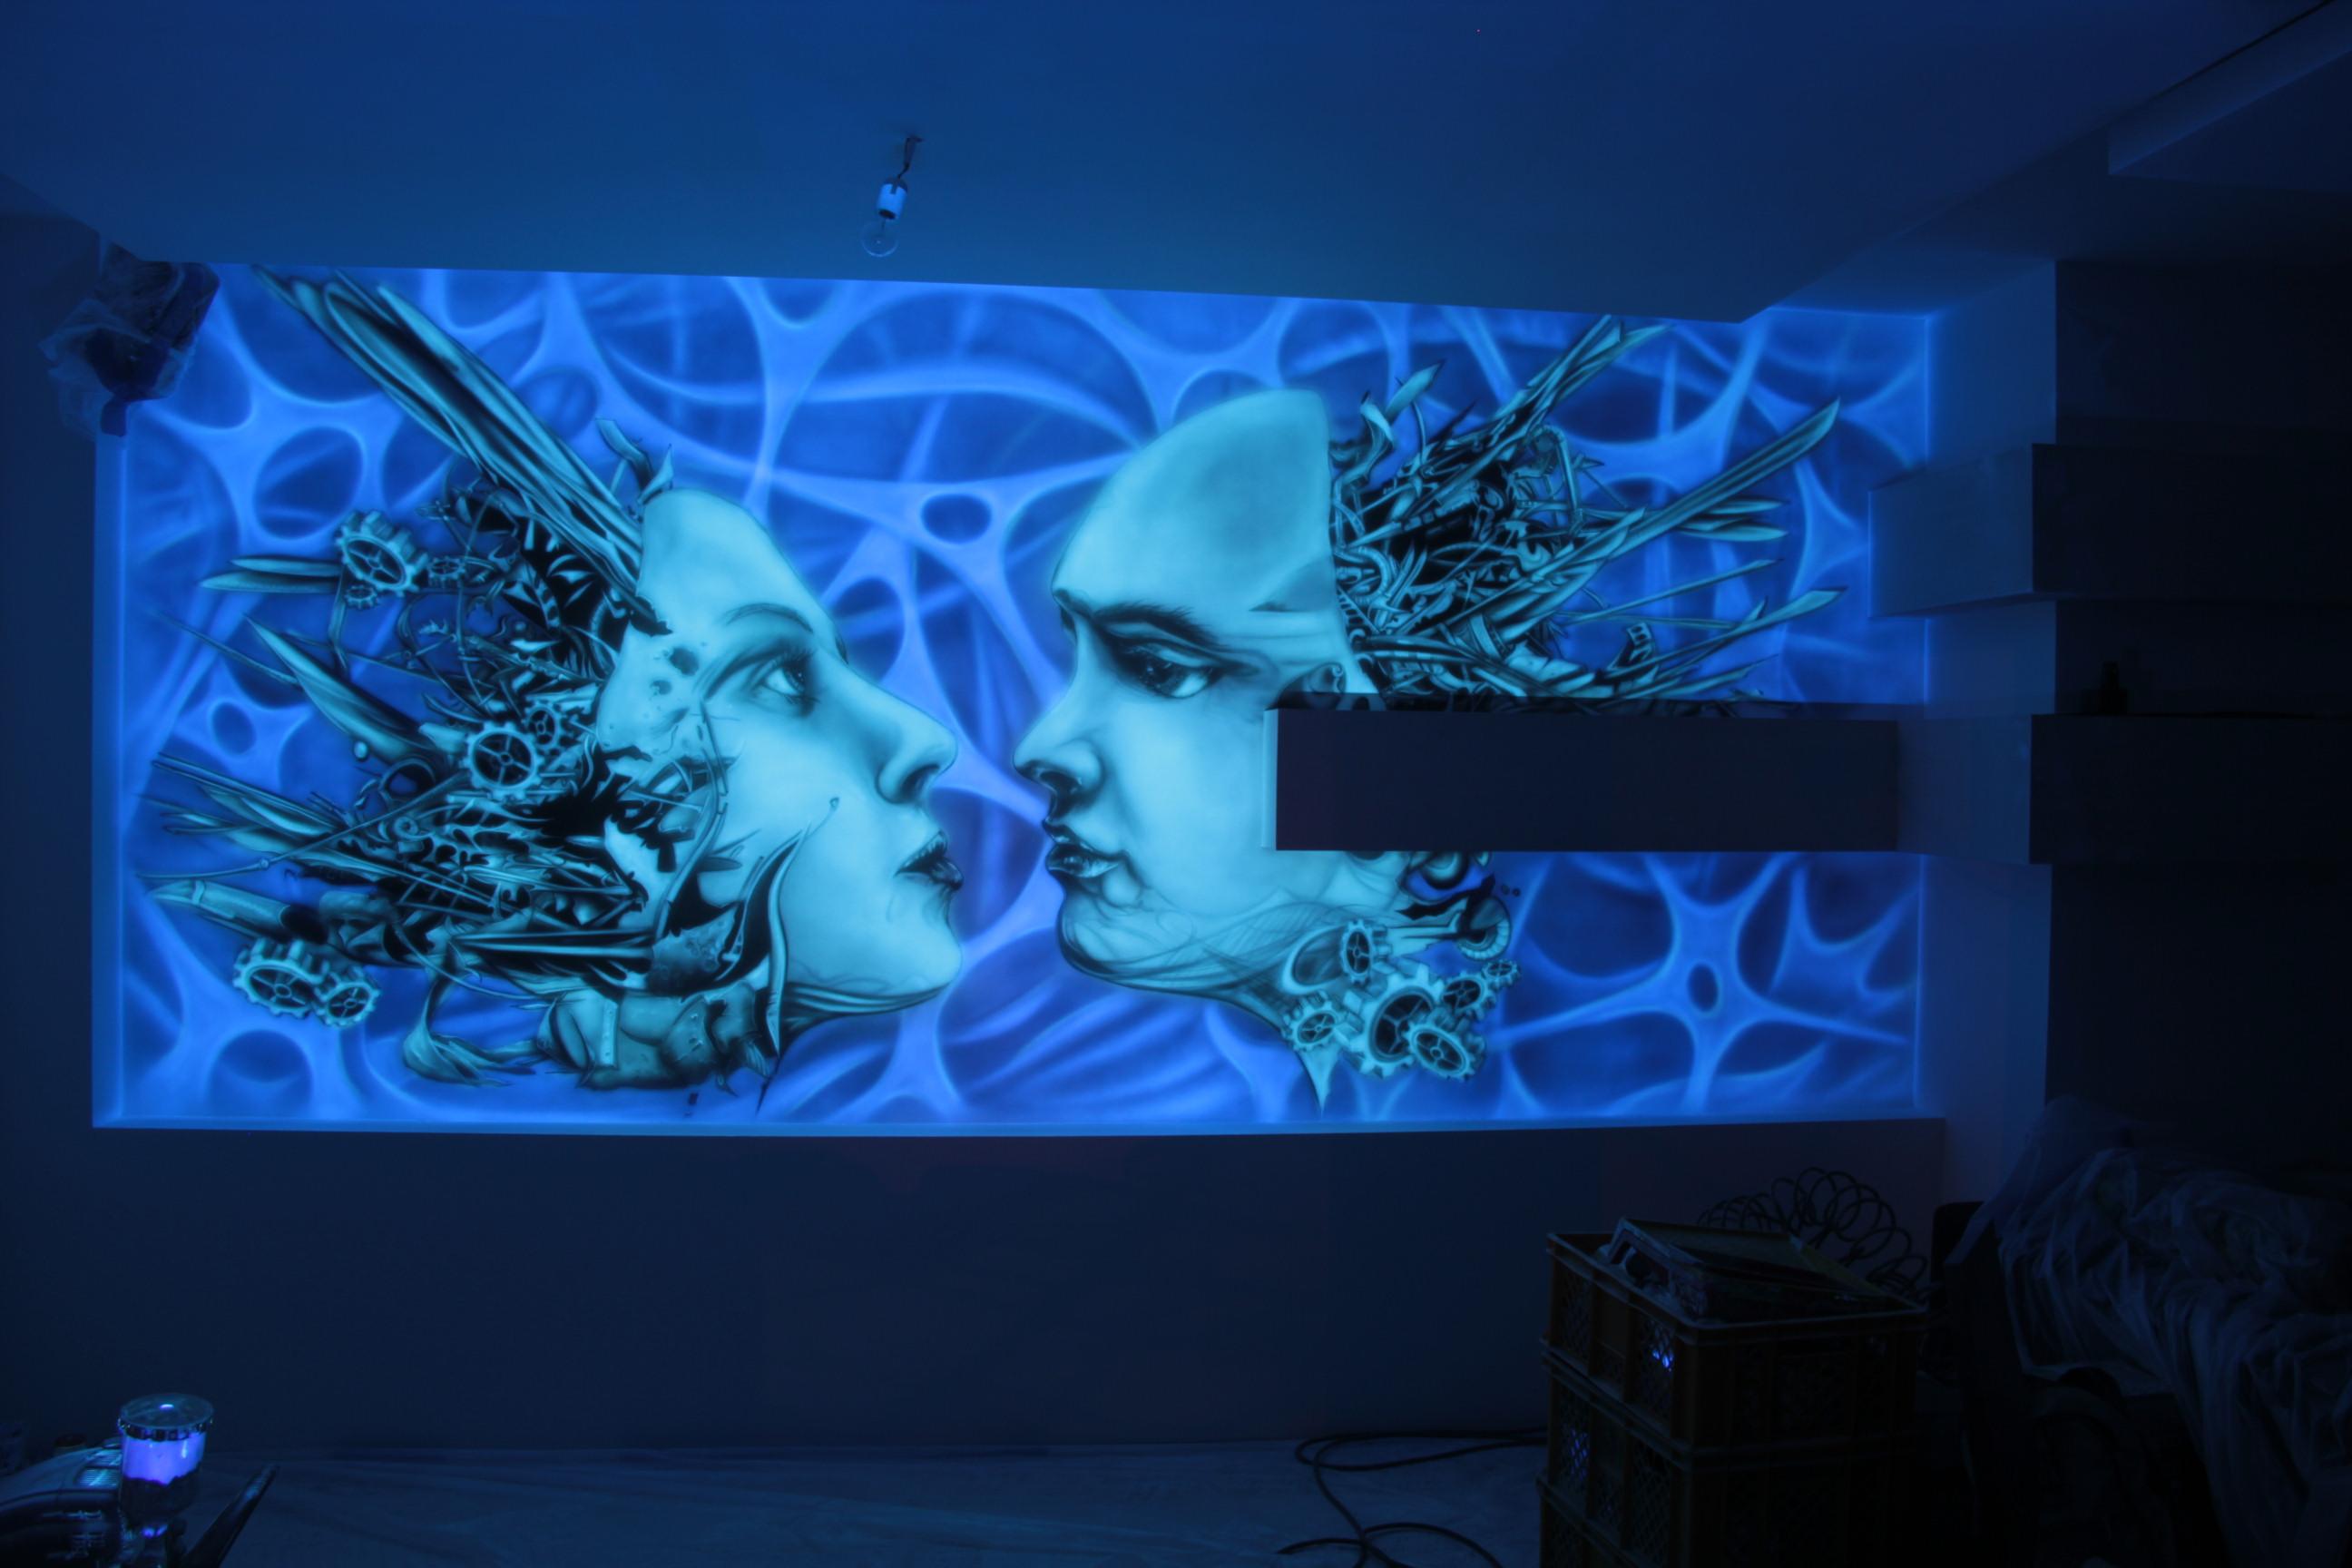 steampunk-boomechanika-abstrakcja-do-nowoczesnego-wnetrza